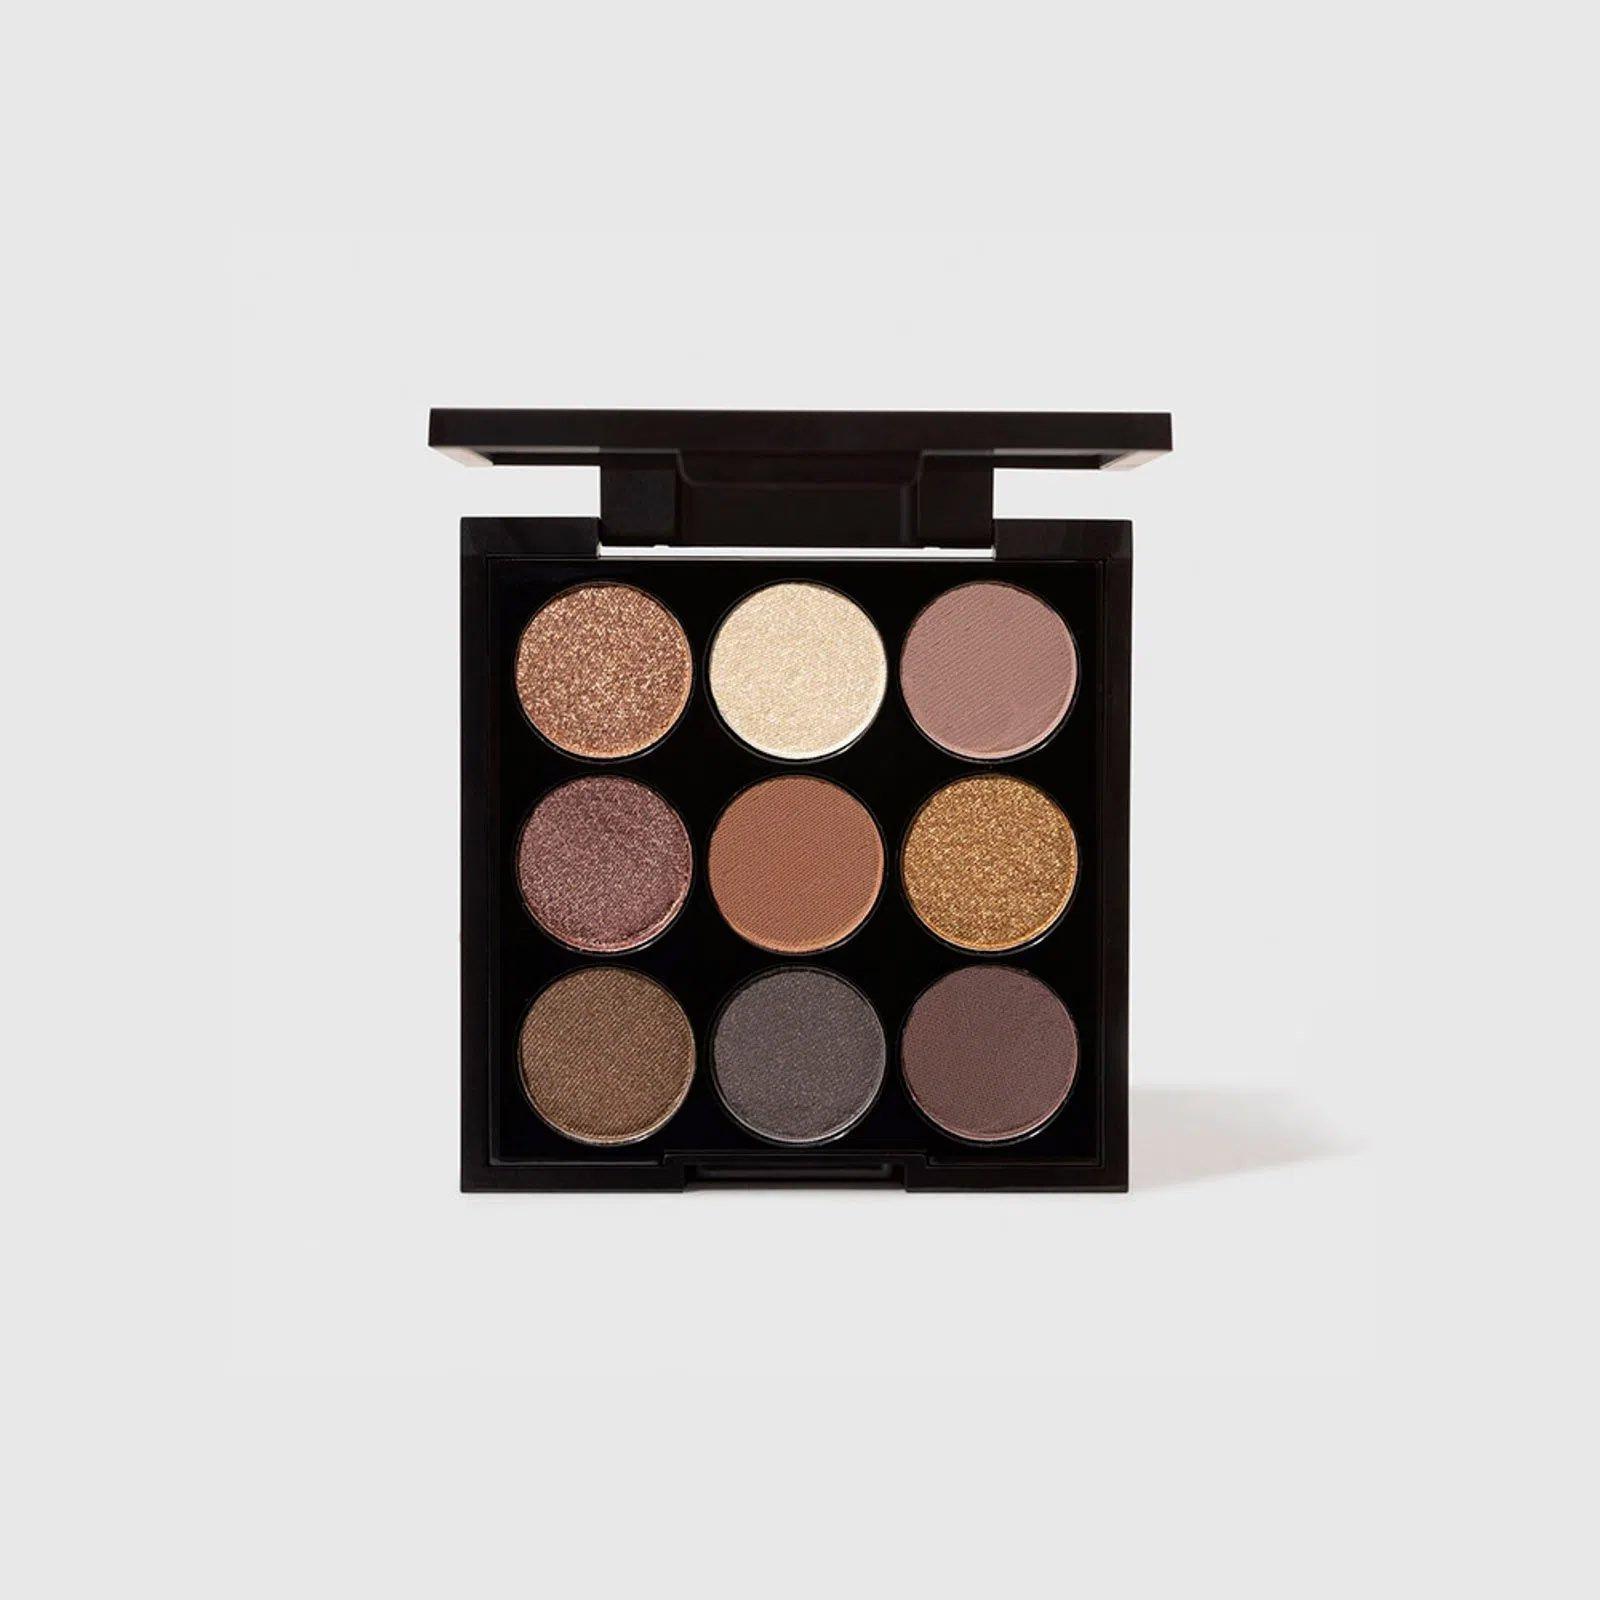 maquiagem paleta de sombras to go basic oceane nadia tambasco 51365 2000 204096